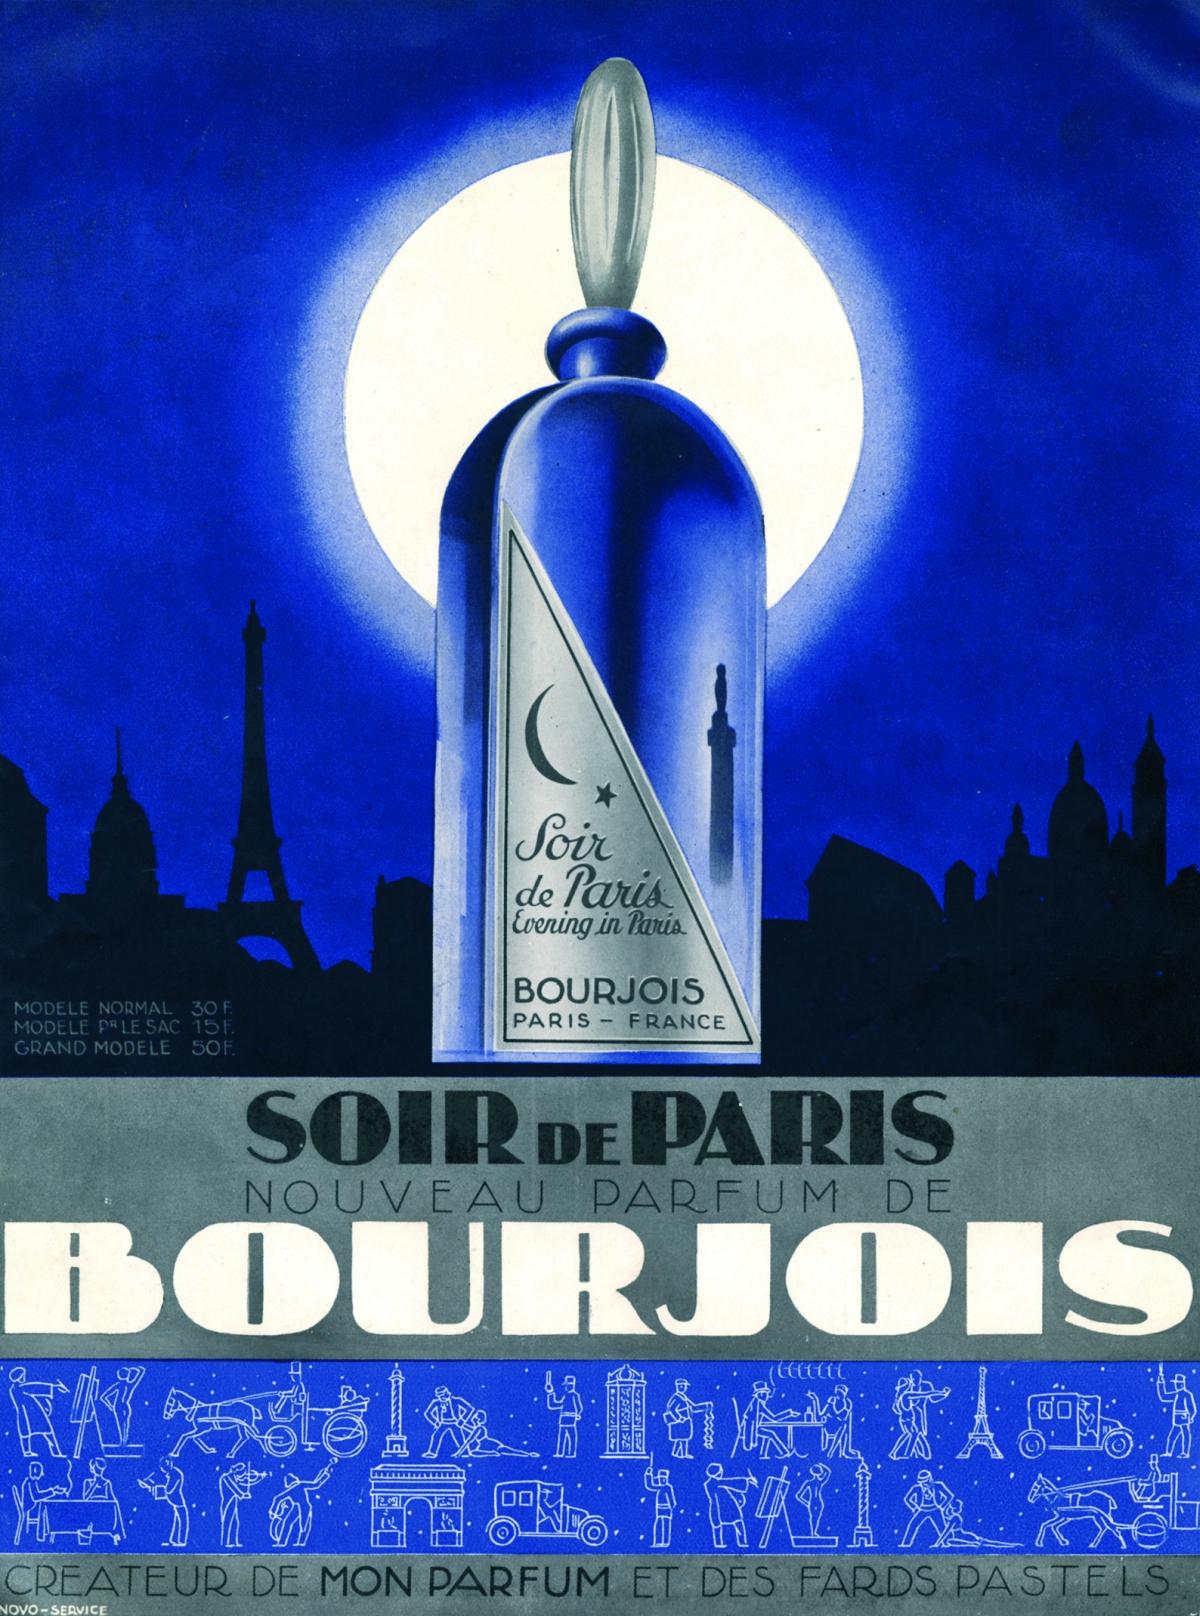 Bourjois Soir De Paris 1928 отзывы женские духи описание